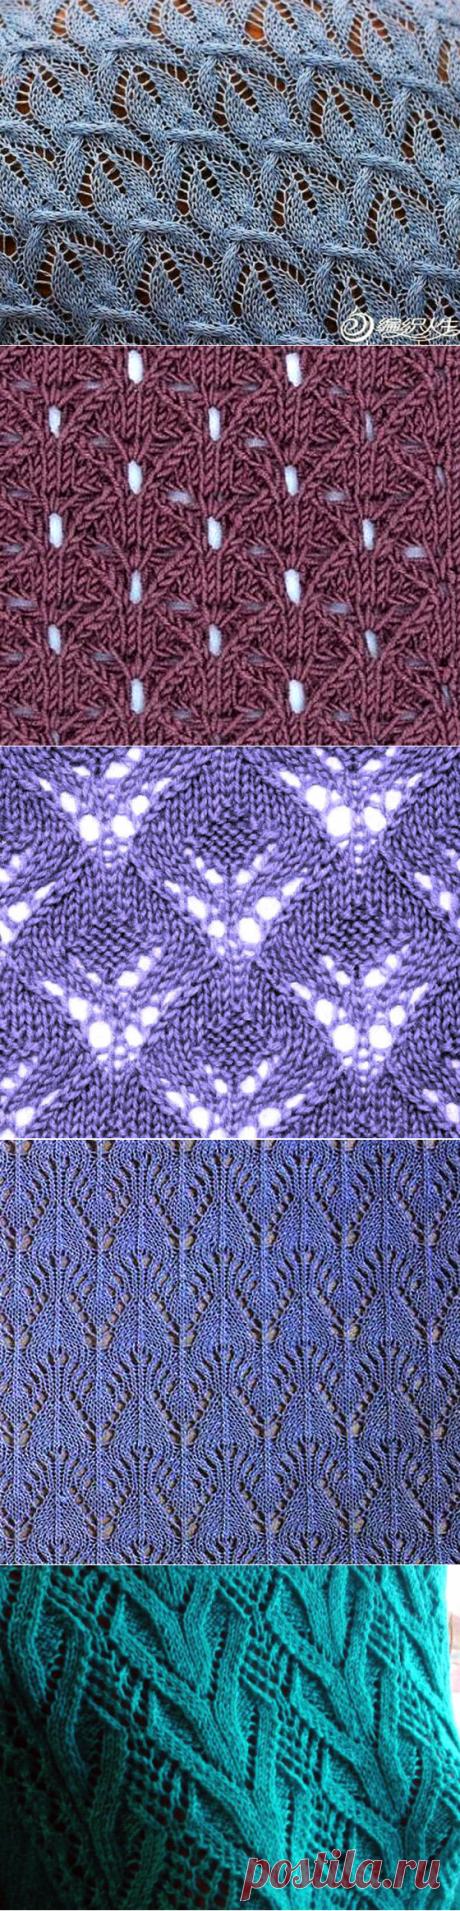 Узоры для вязания спицами. Схемы и видео МК | Магия Вязания / Knitting Magic | Яндекс Дзен